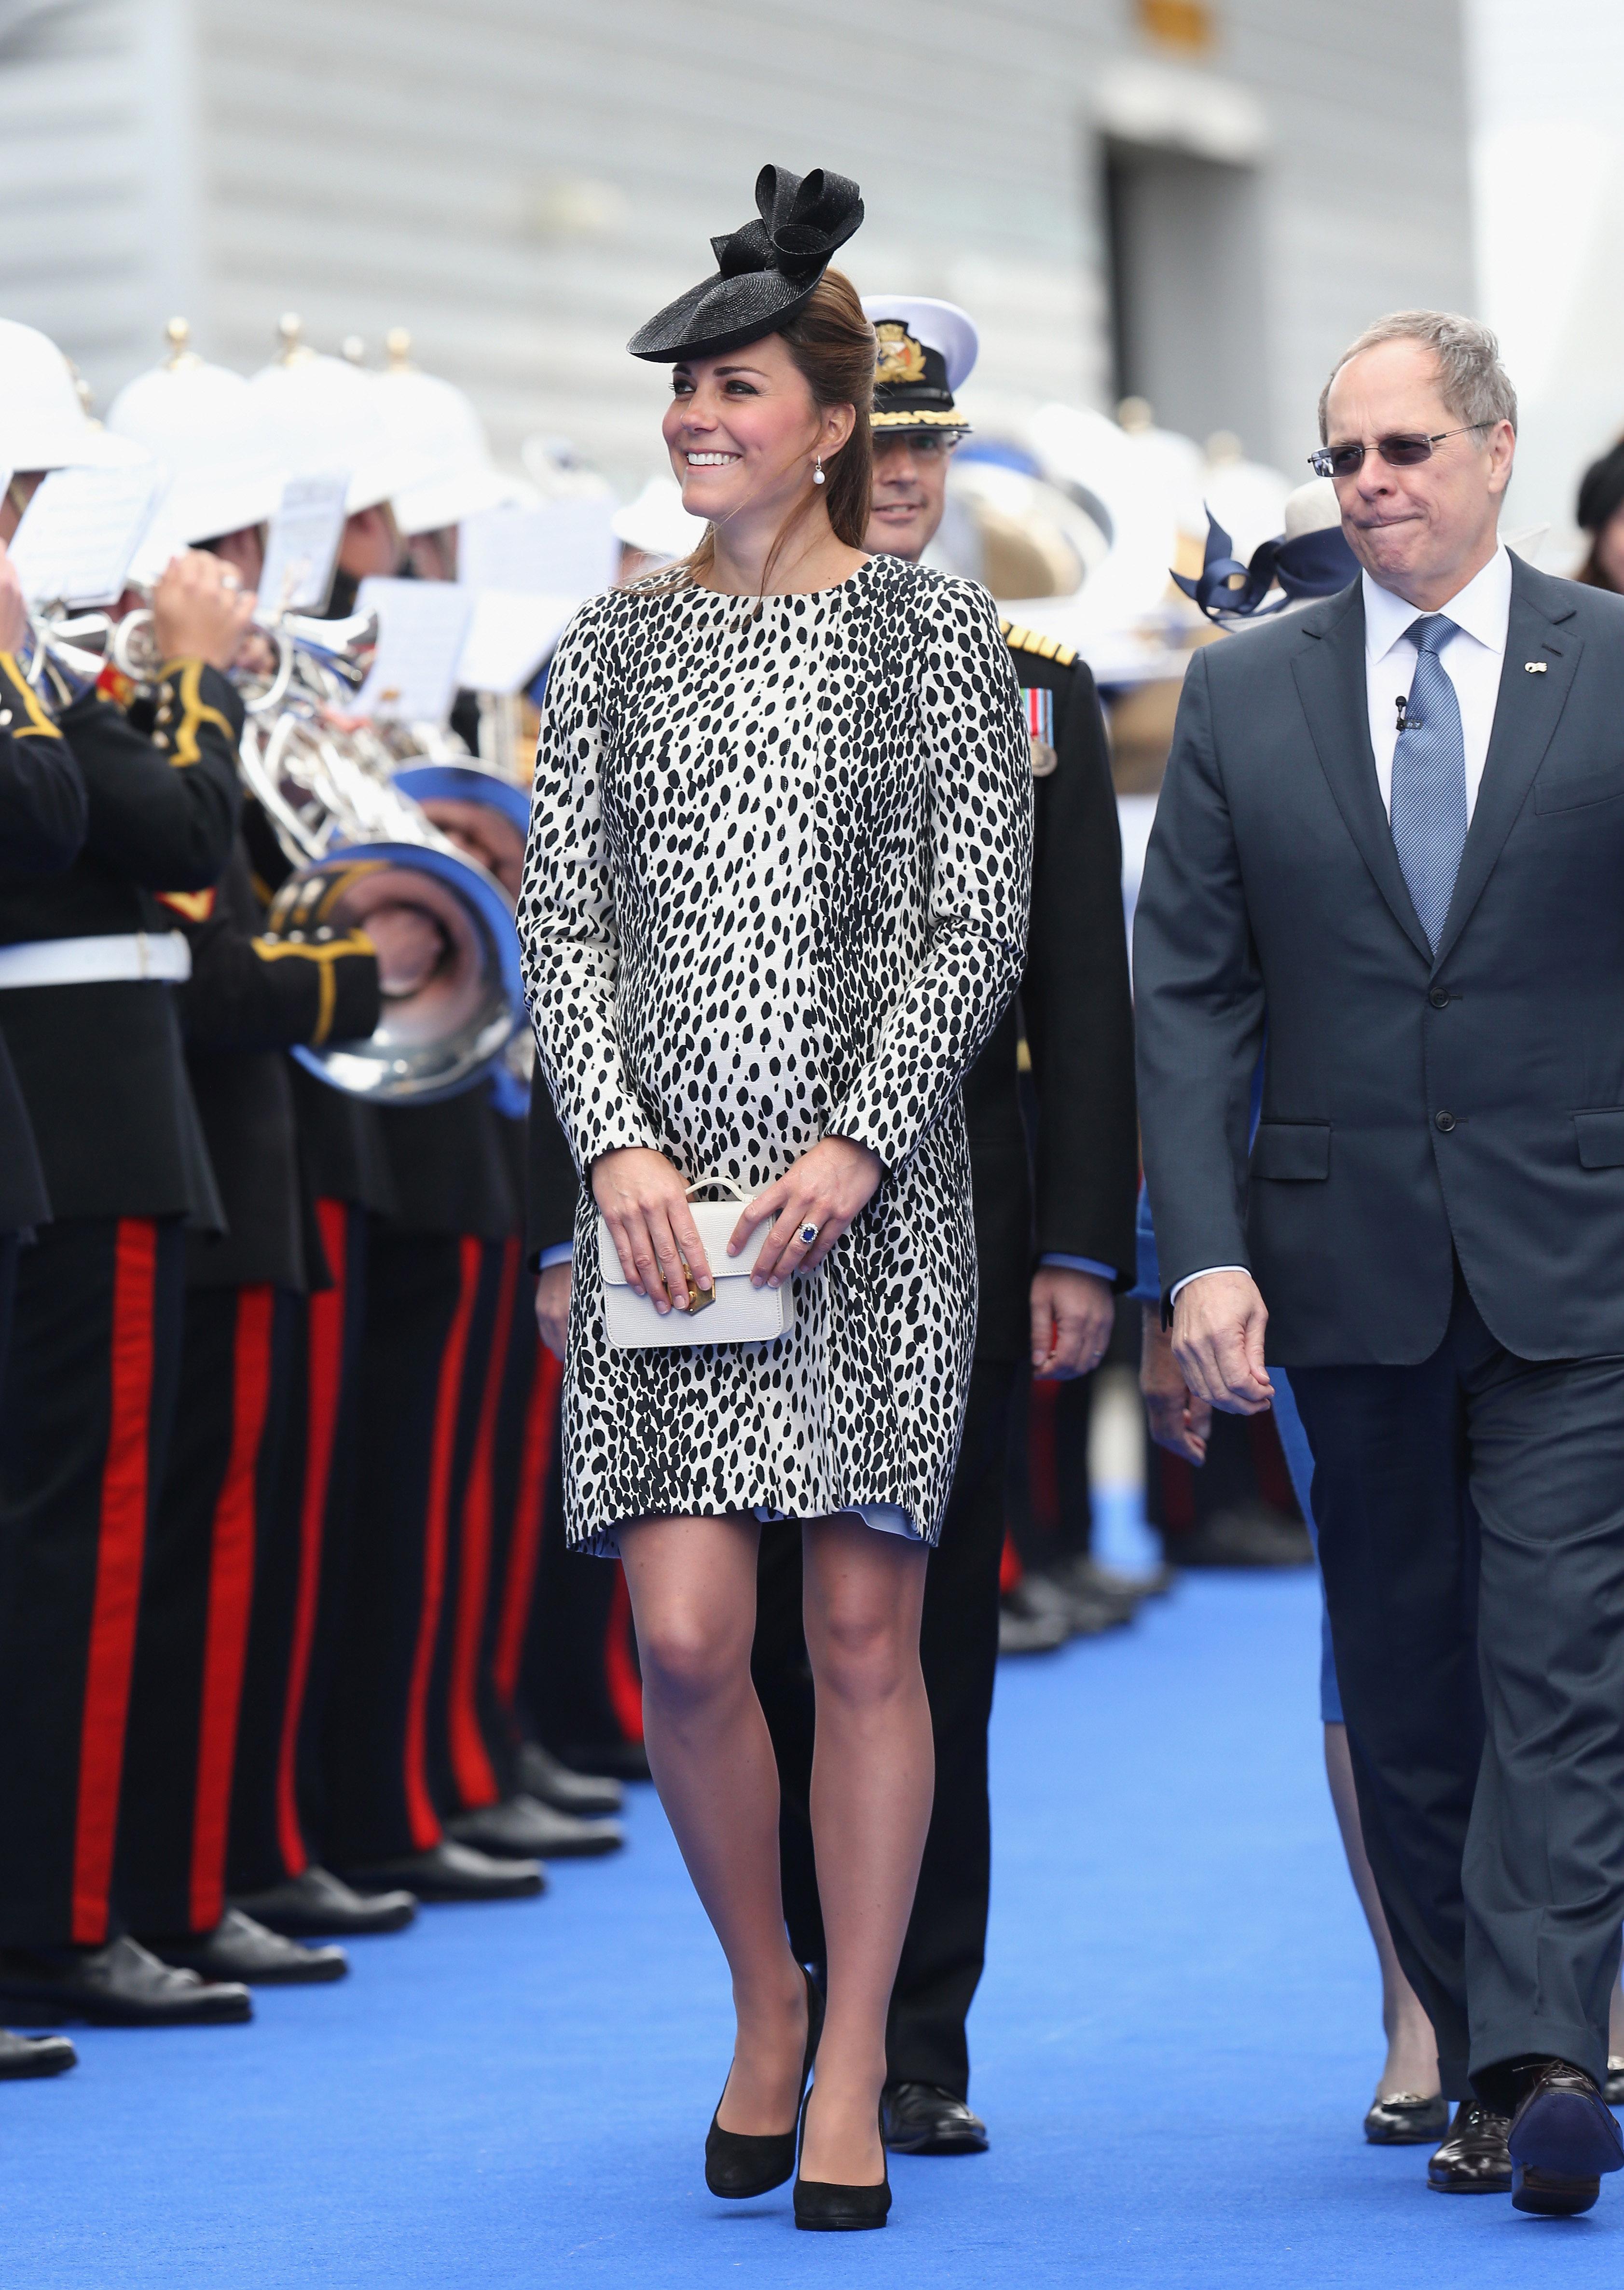 Образ Кейт завершали туфли на каблуках и шляпка